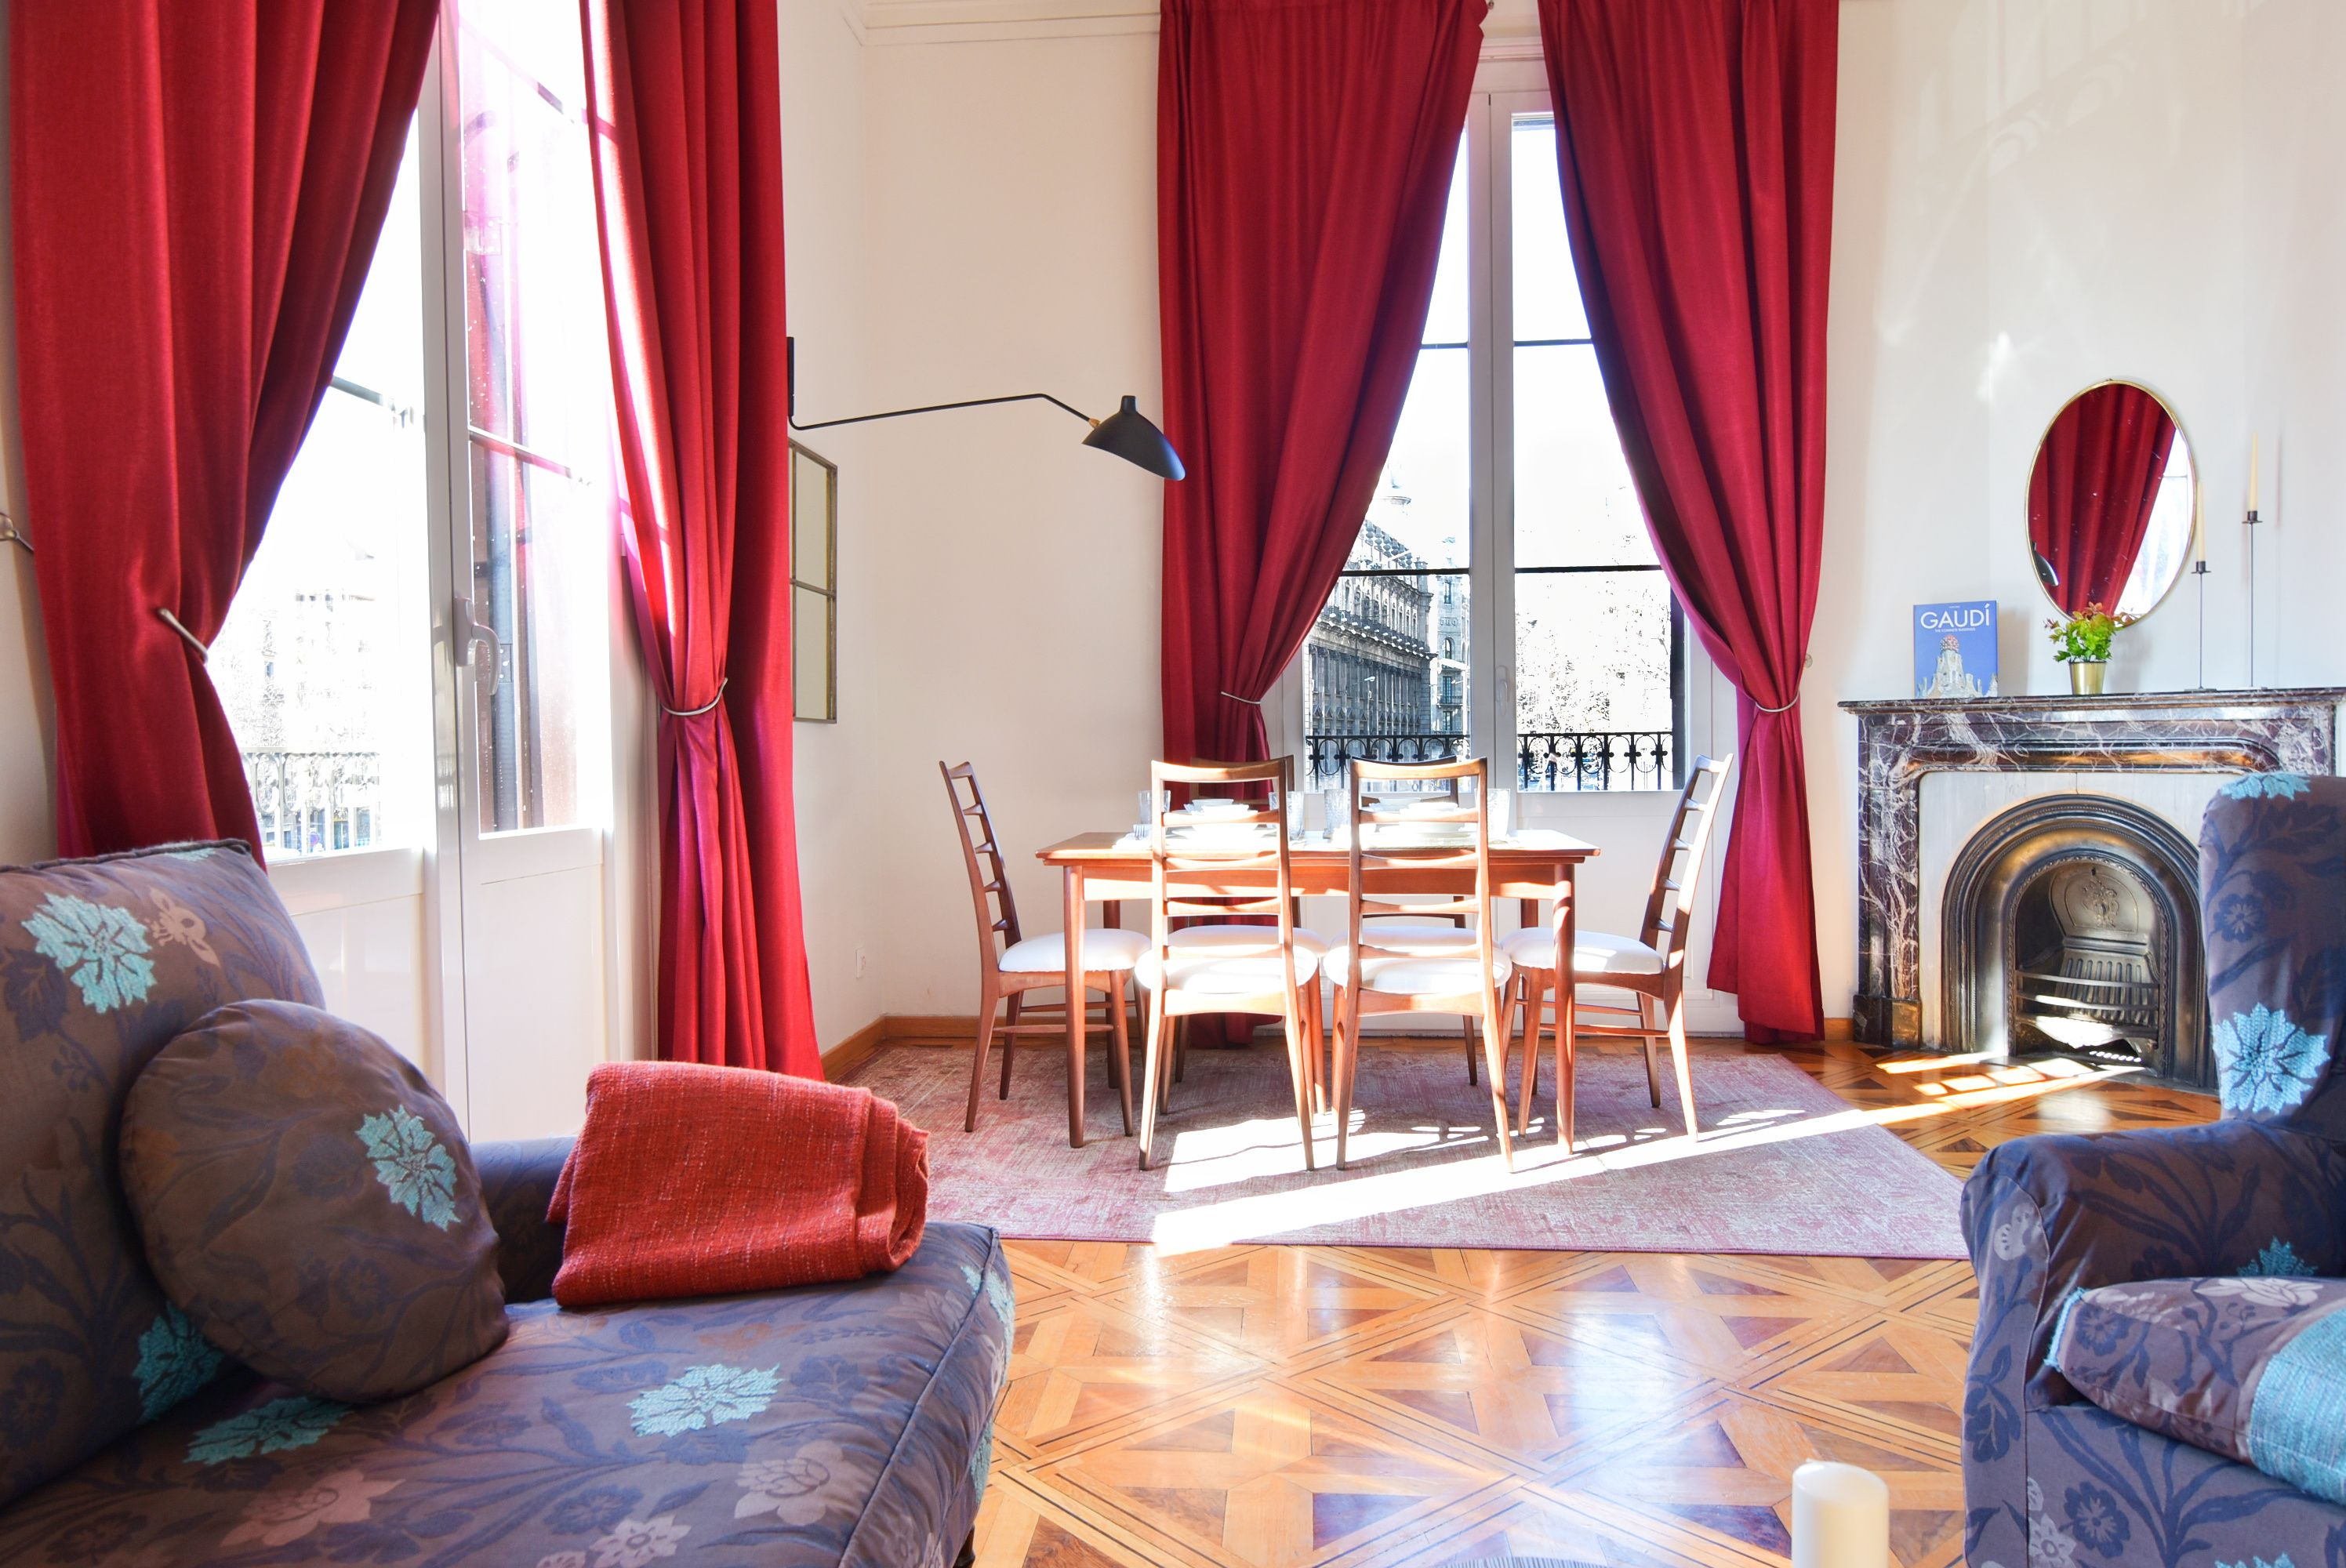 Fotos De Salon Comedor.2 Salon Comedor Living Room And Dining Room 1 1840